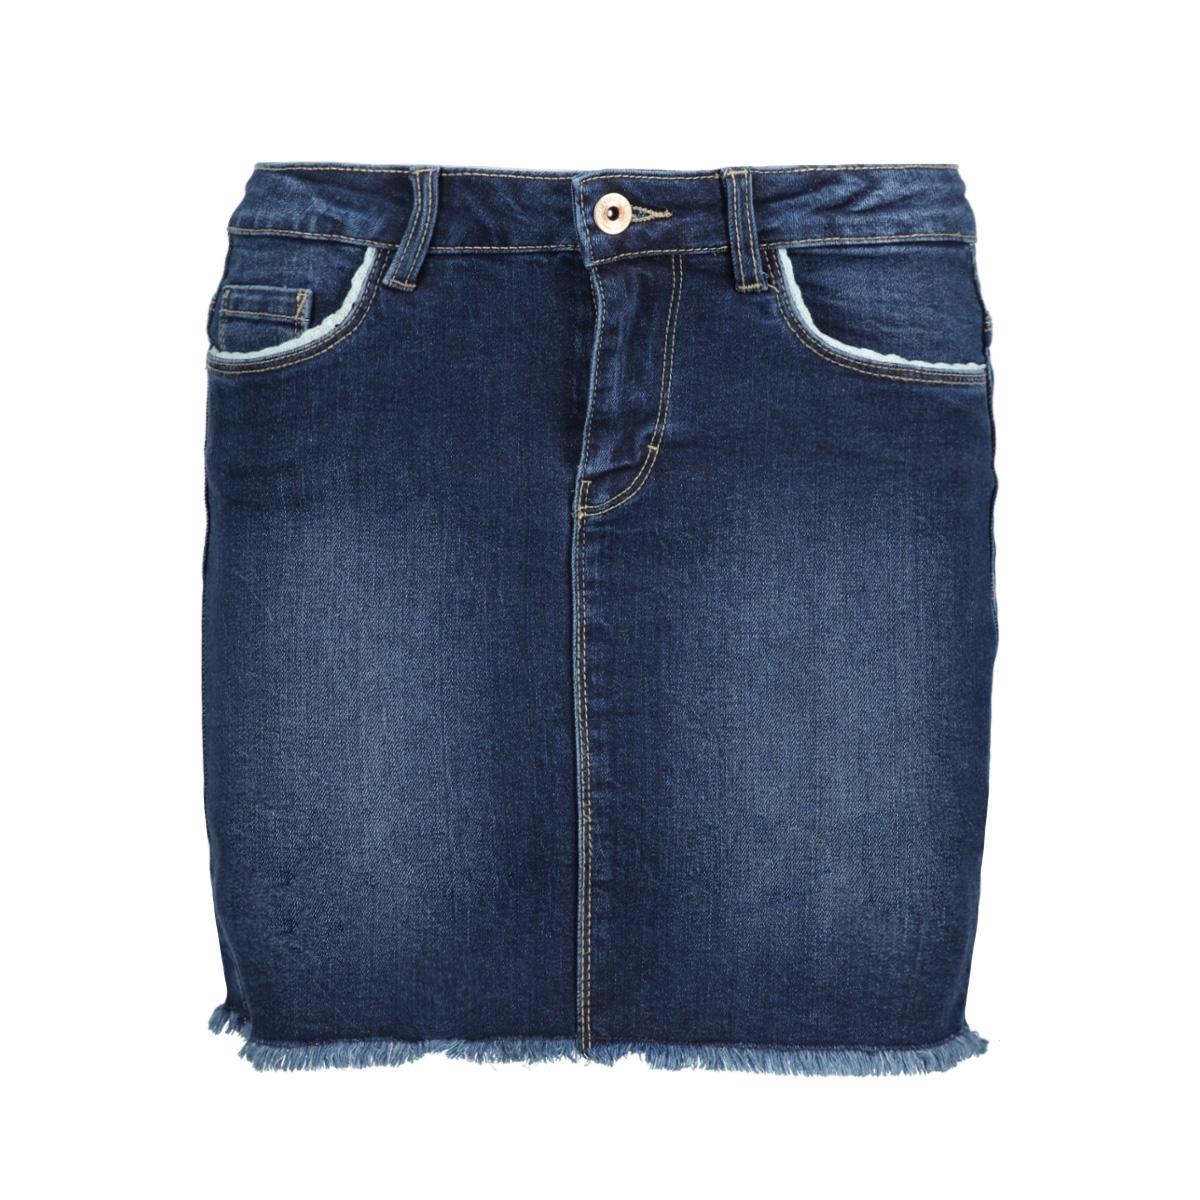 onlphoebe blue raw dnm skirt box pi 15134340 only rok dark blue denim